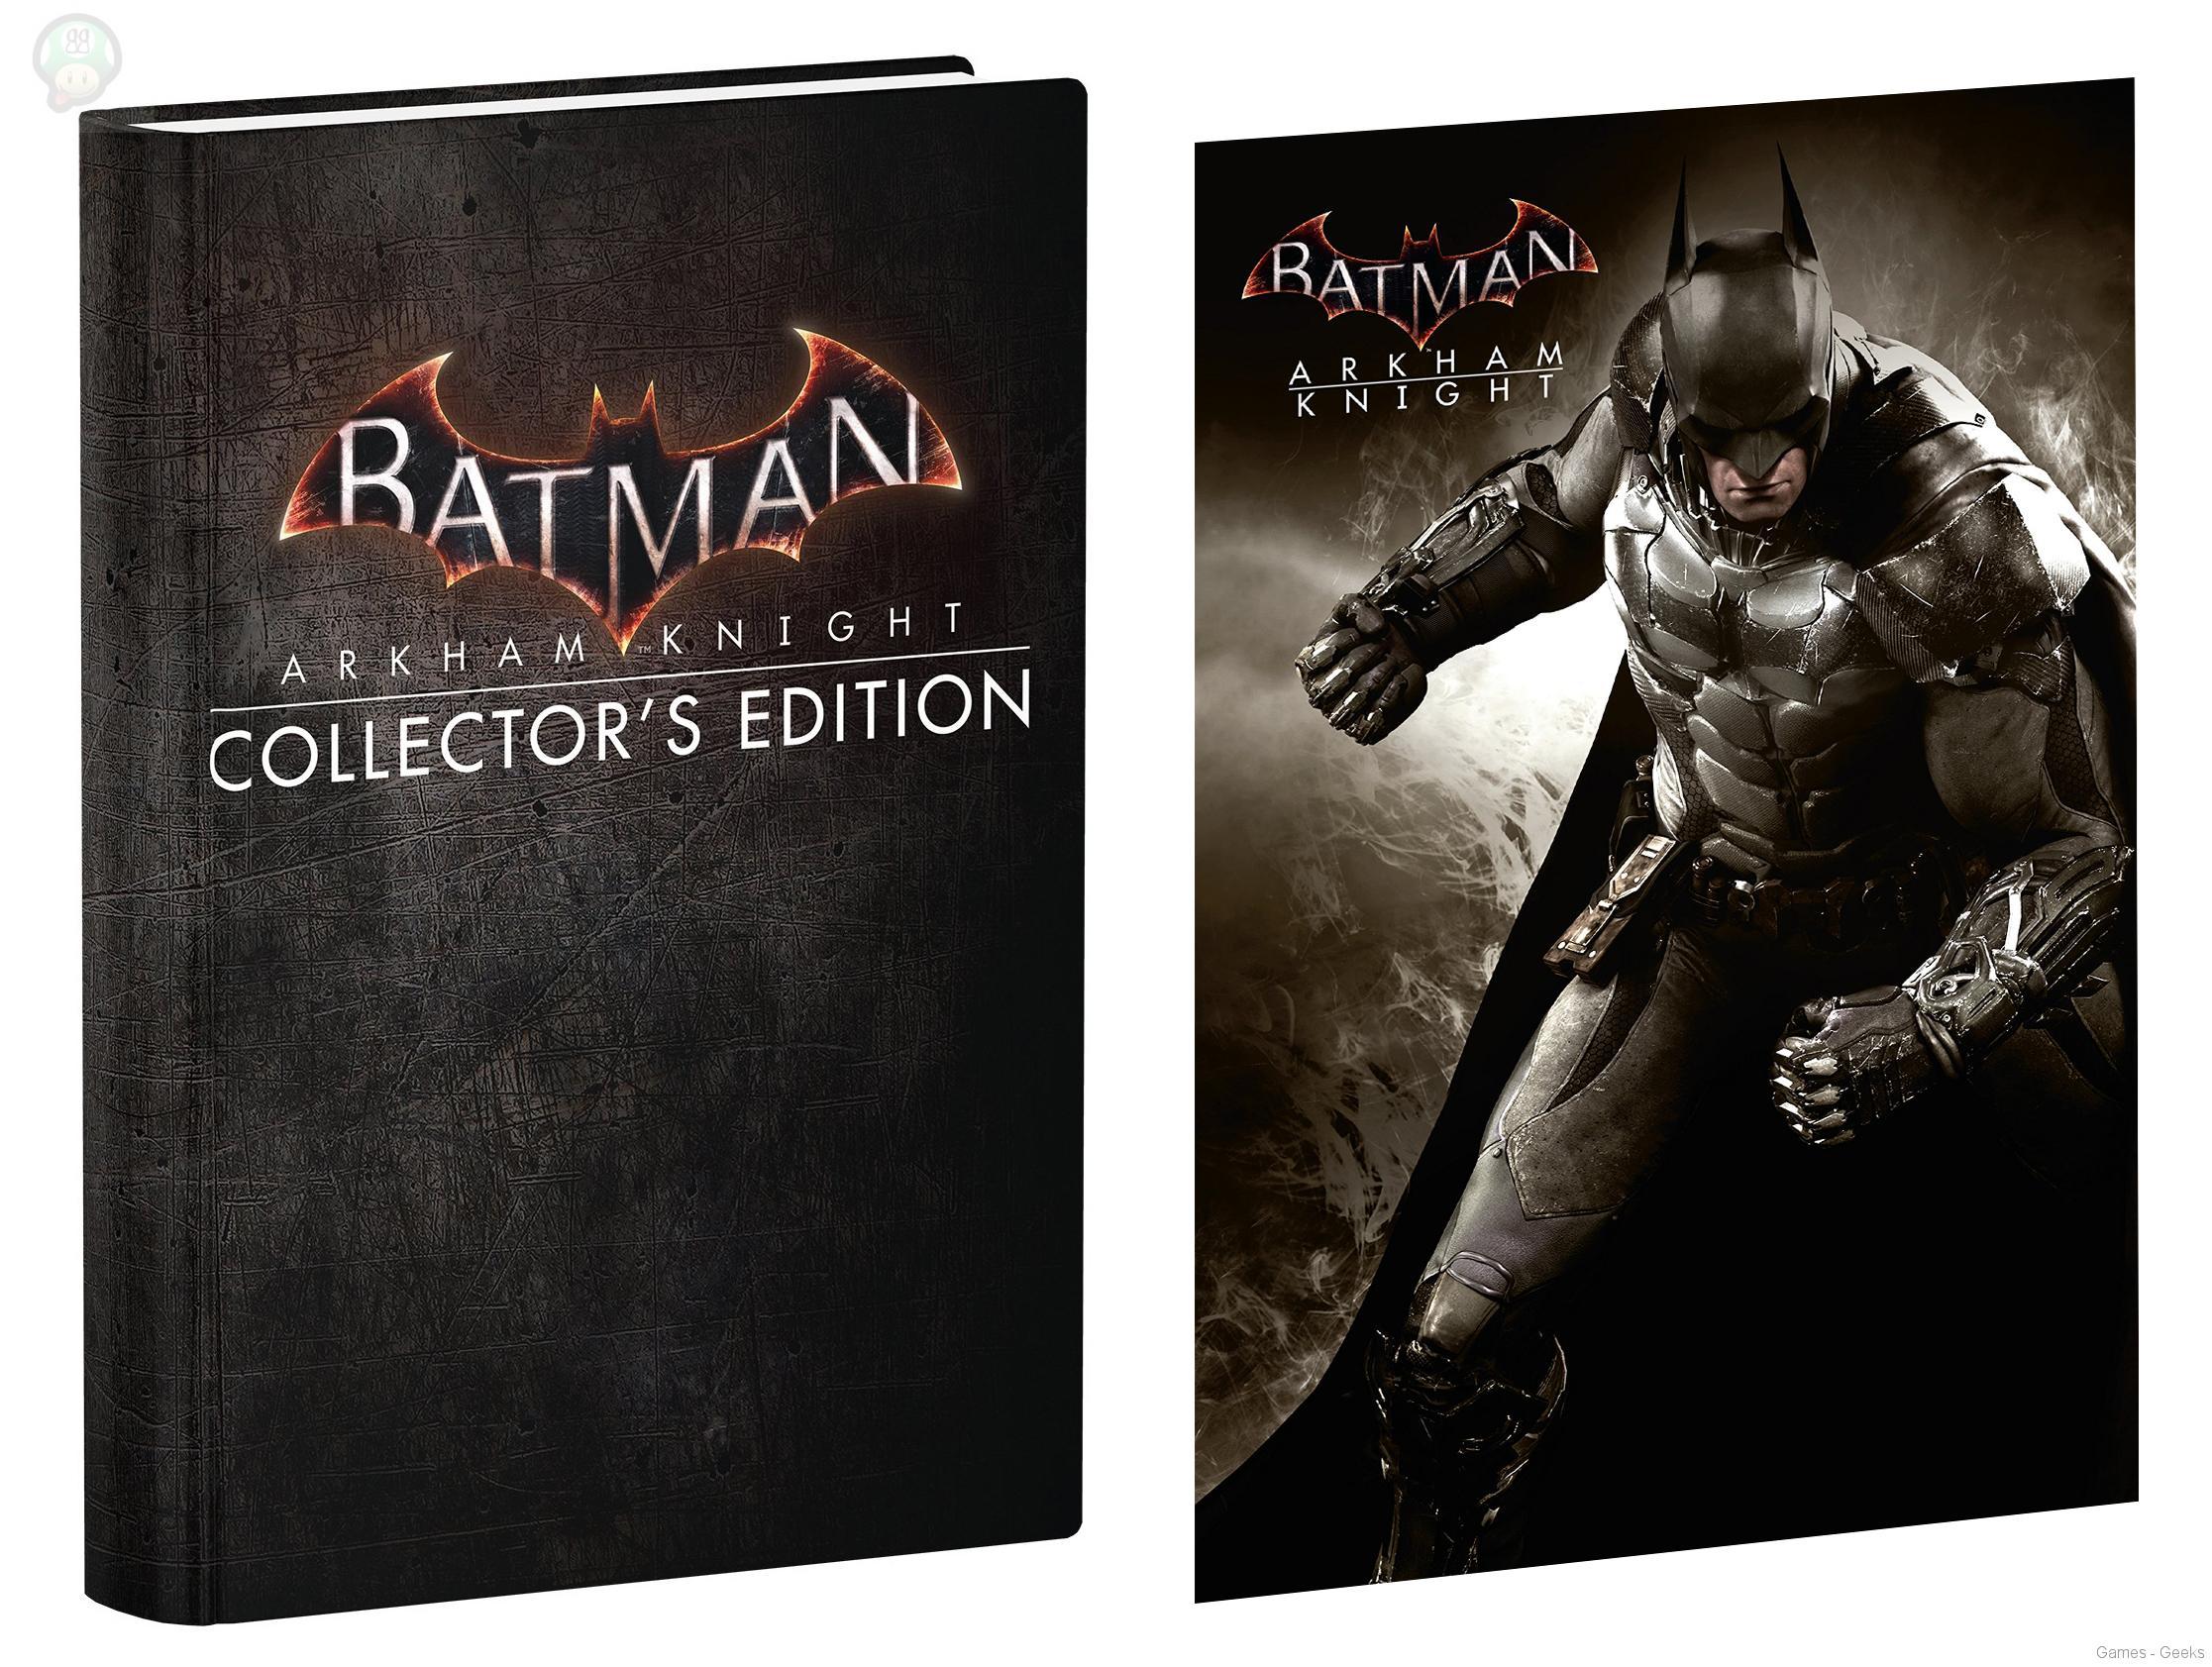 batmanarkhamknghtguide [préco] Un peu de lecture pour Batman Arkham Knight